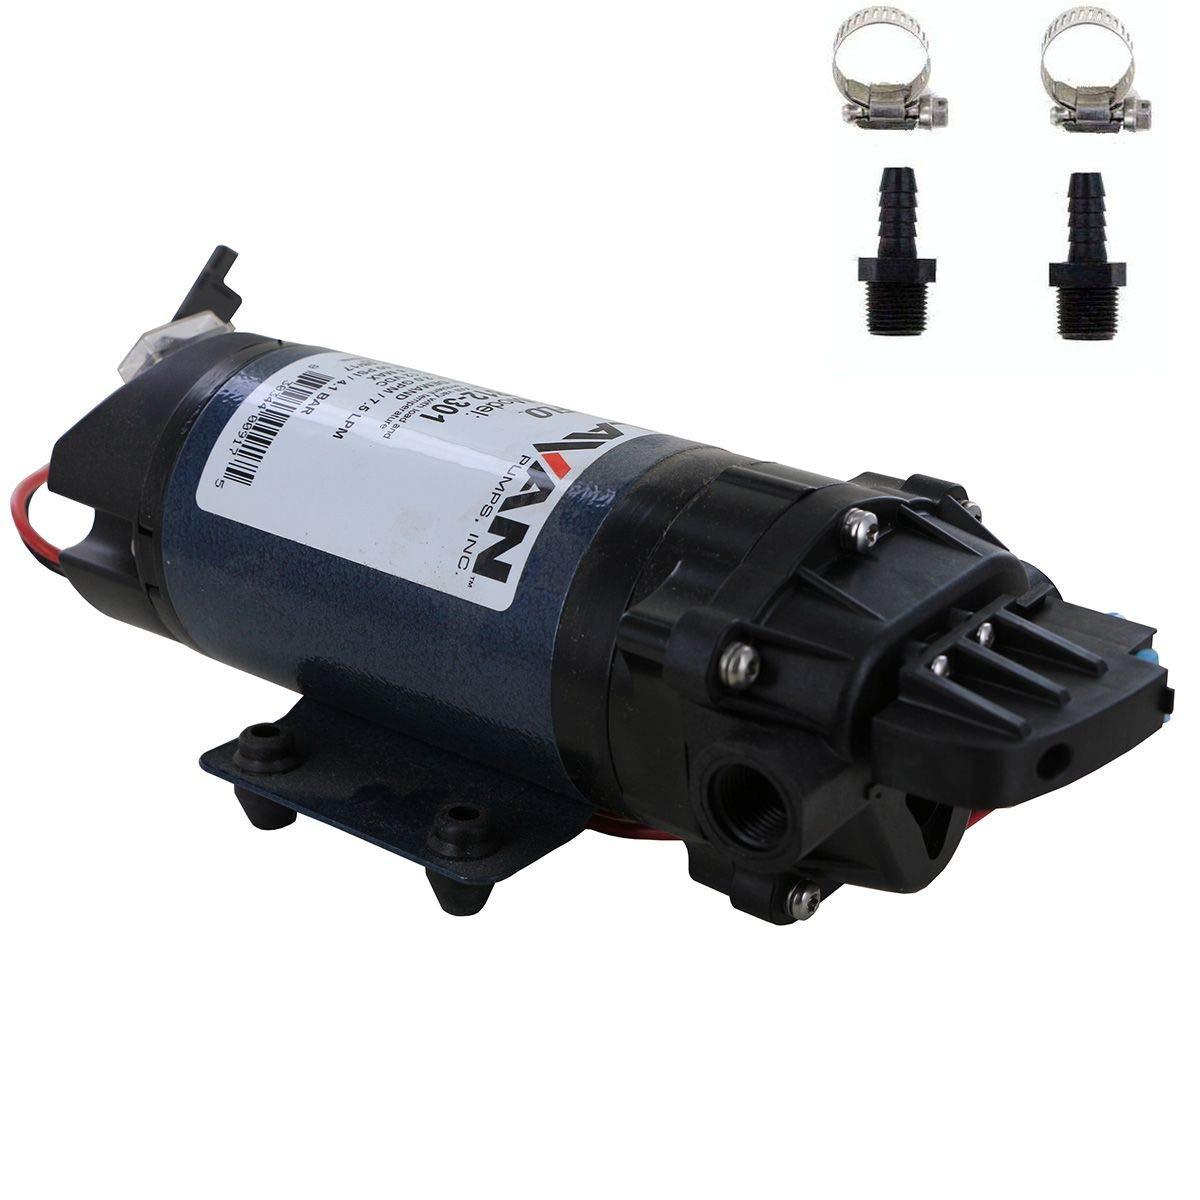 Delavan 7812-301 PowerFlo 12V Demand Diaphragm Pump with Male 3/8'' Hose Barb Kit (Bundle, 2 Items)